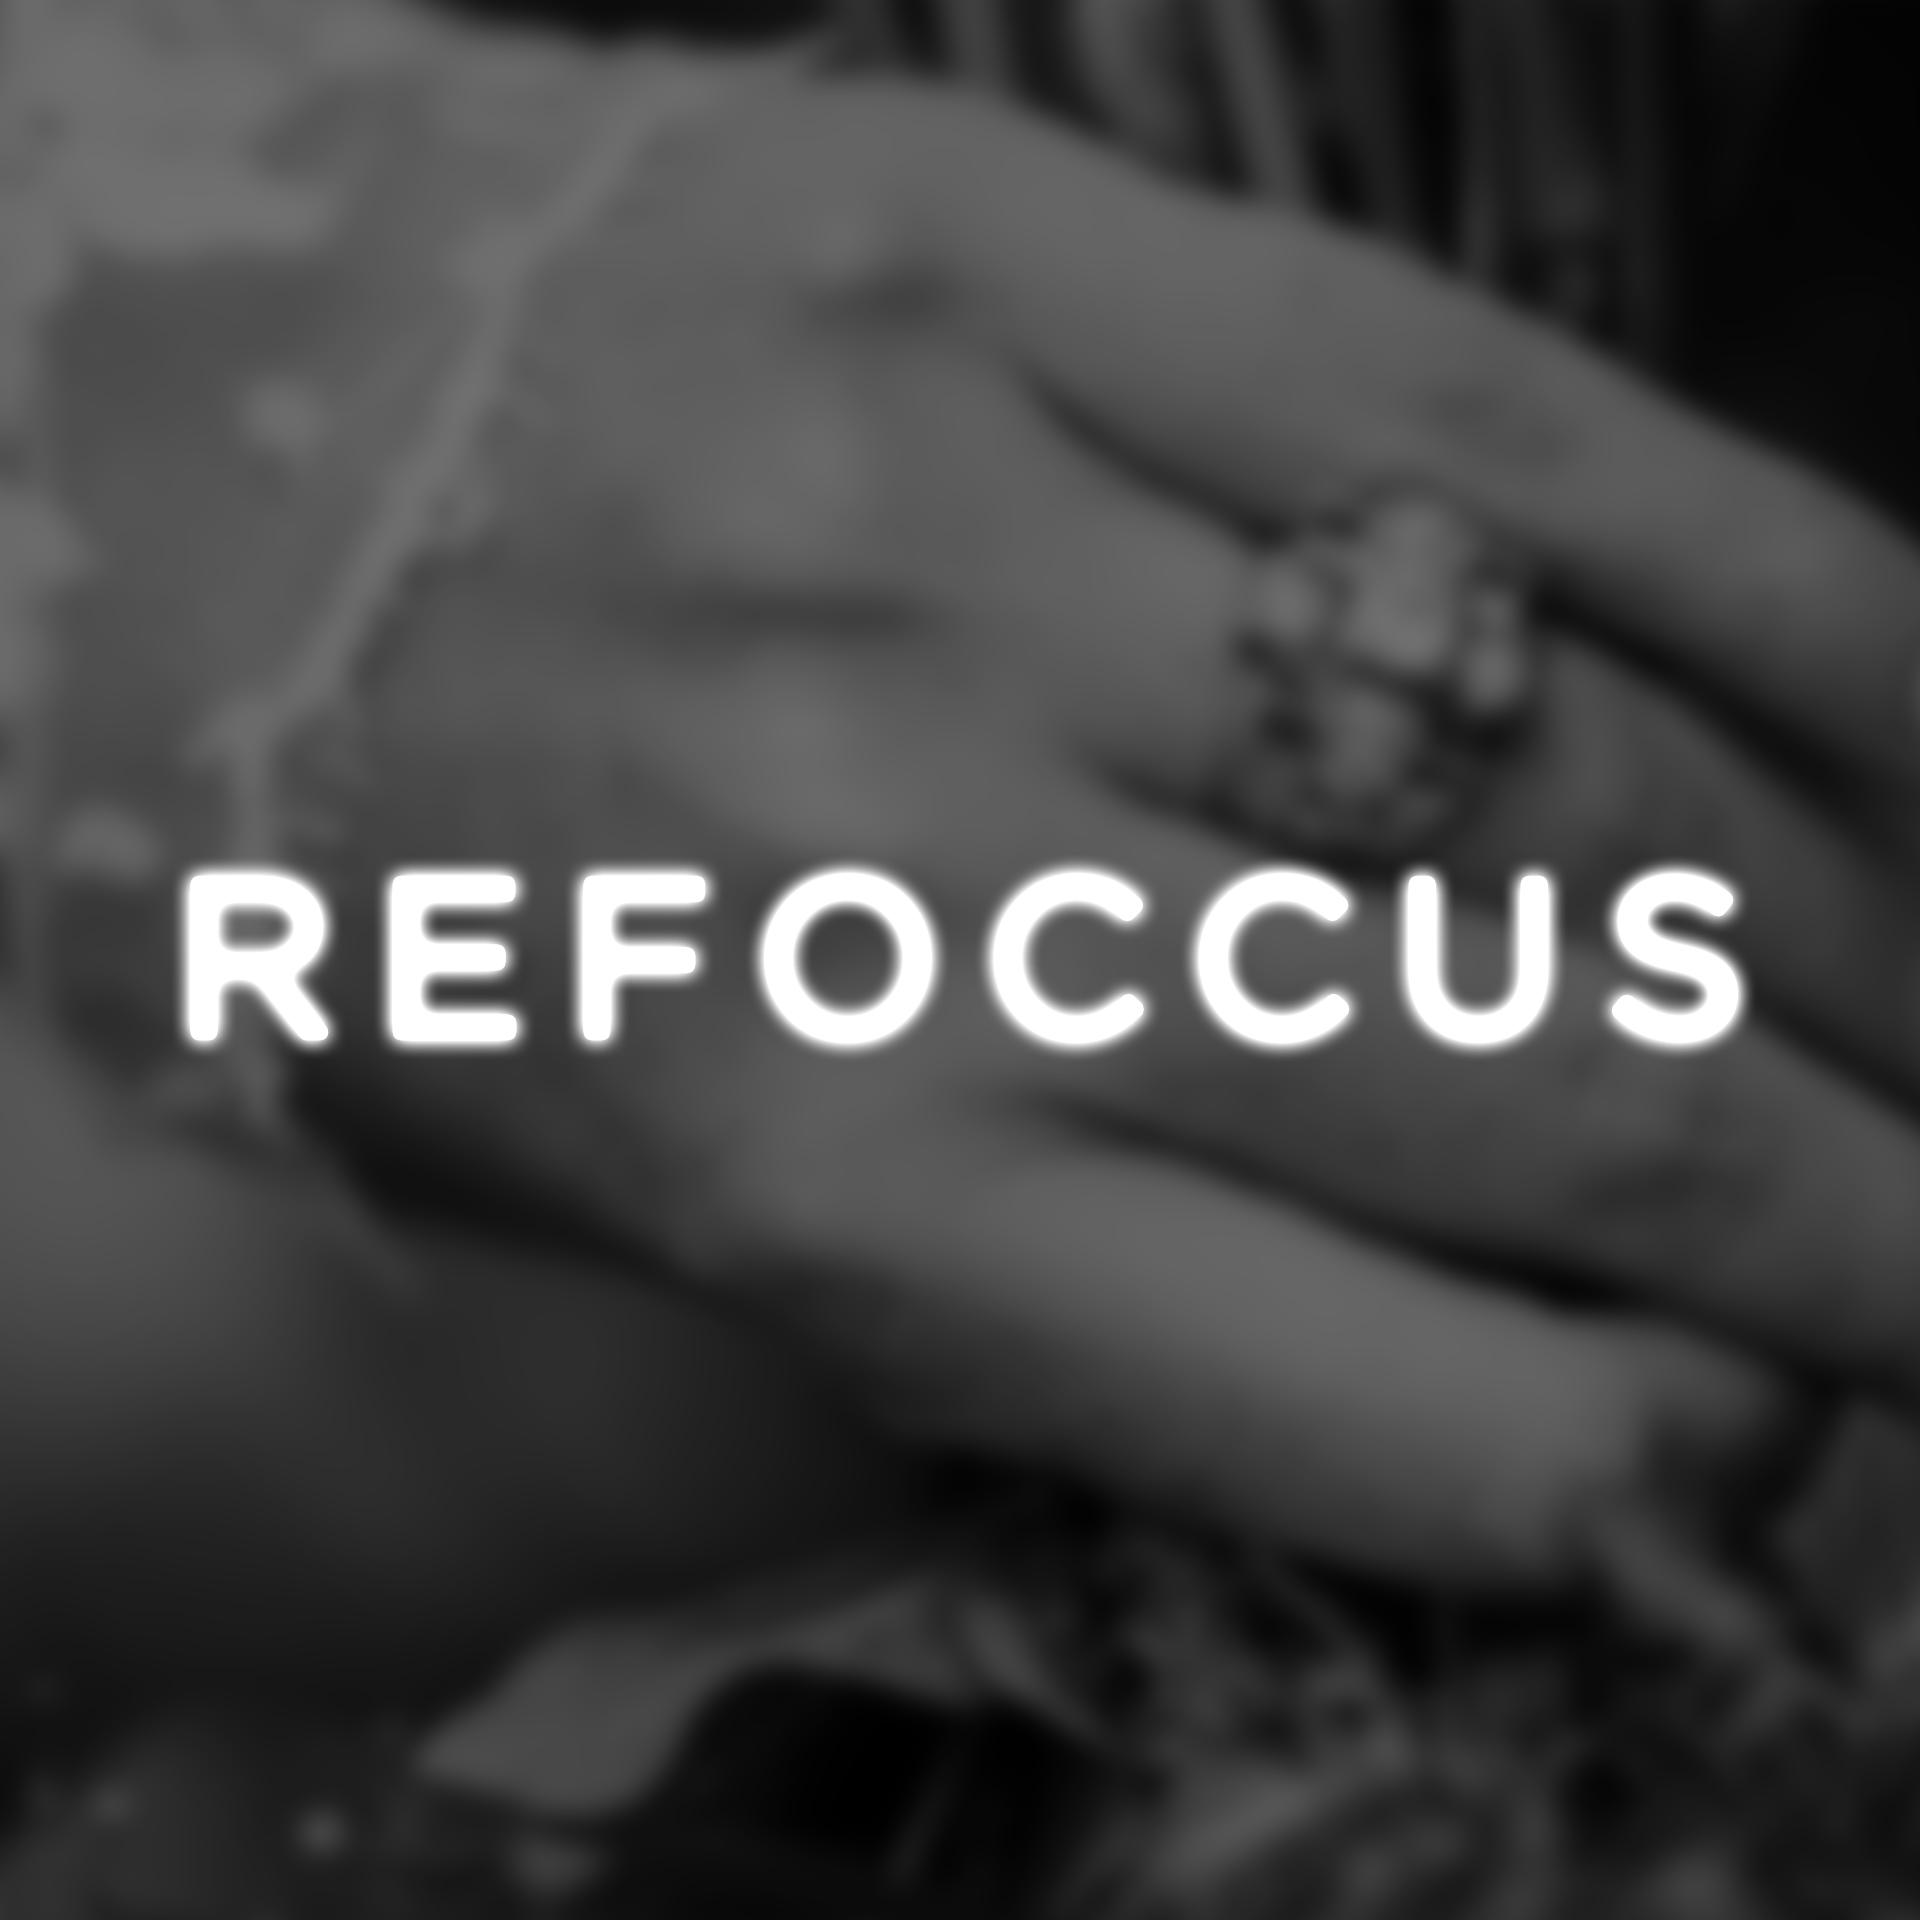 Refoccus (1).jpg